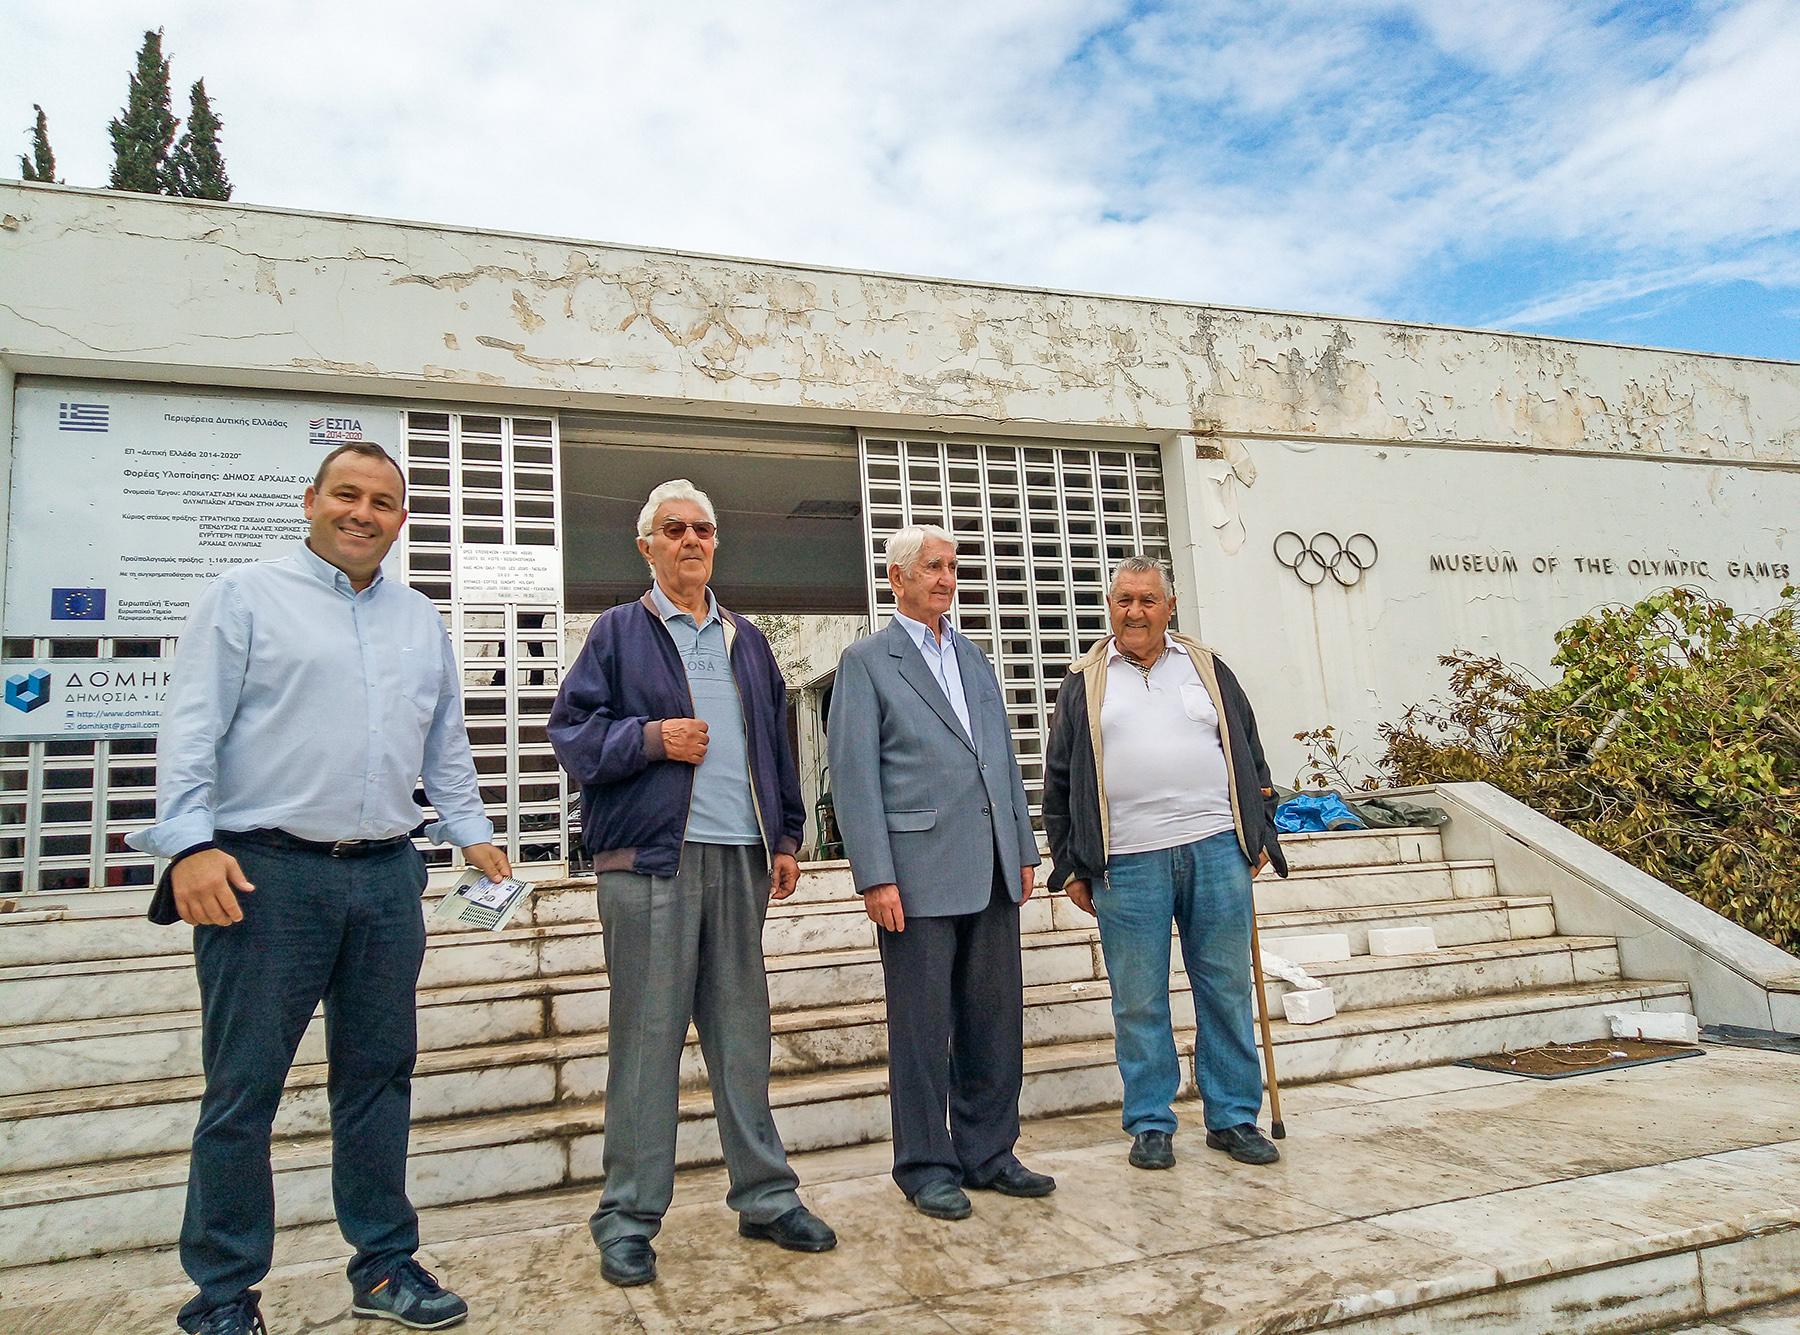 """Αρχαία Ολυμπία: Τρεις """"βετεράνοι"""" φύλακες μιλούν για το ανακαινιζόμενο Μουσείο των Σύγχρονων Ολυμπιακών Αγώνων- «Το μουσείο ήταν το δεύτερο σπίτι μας…»"""